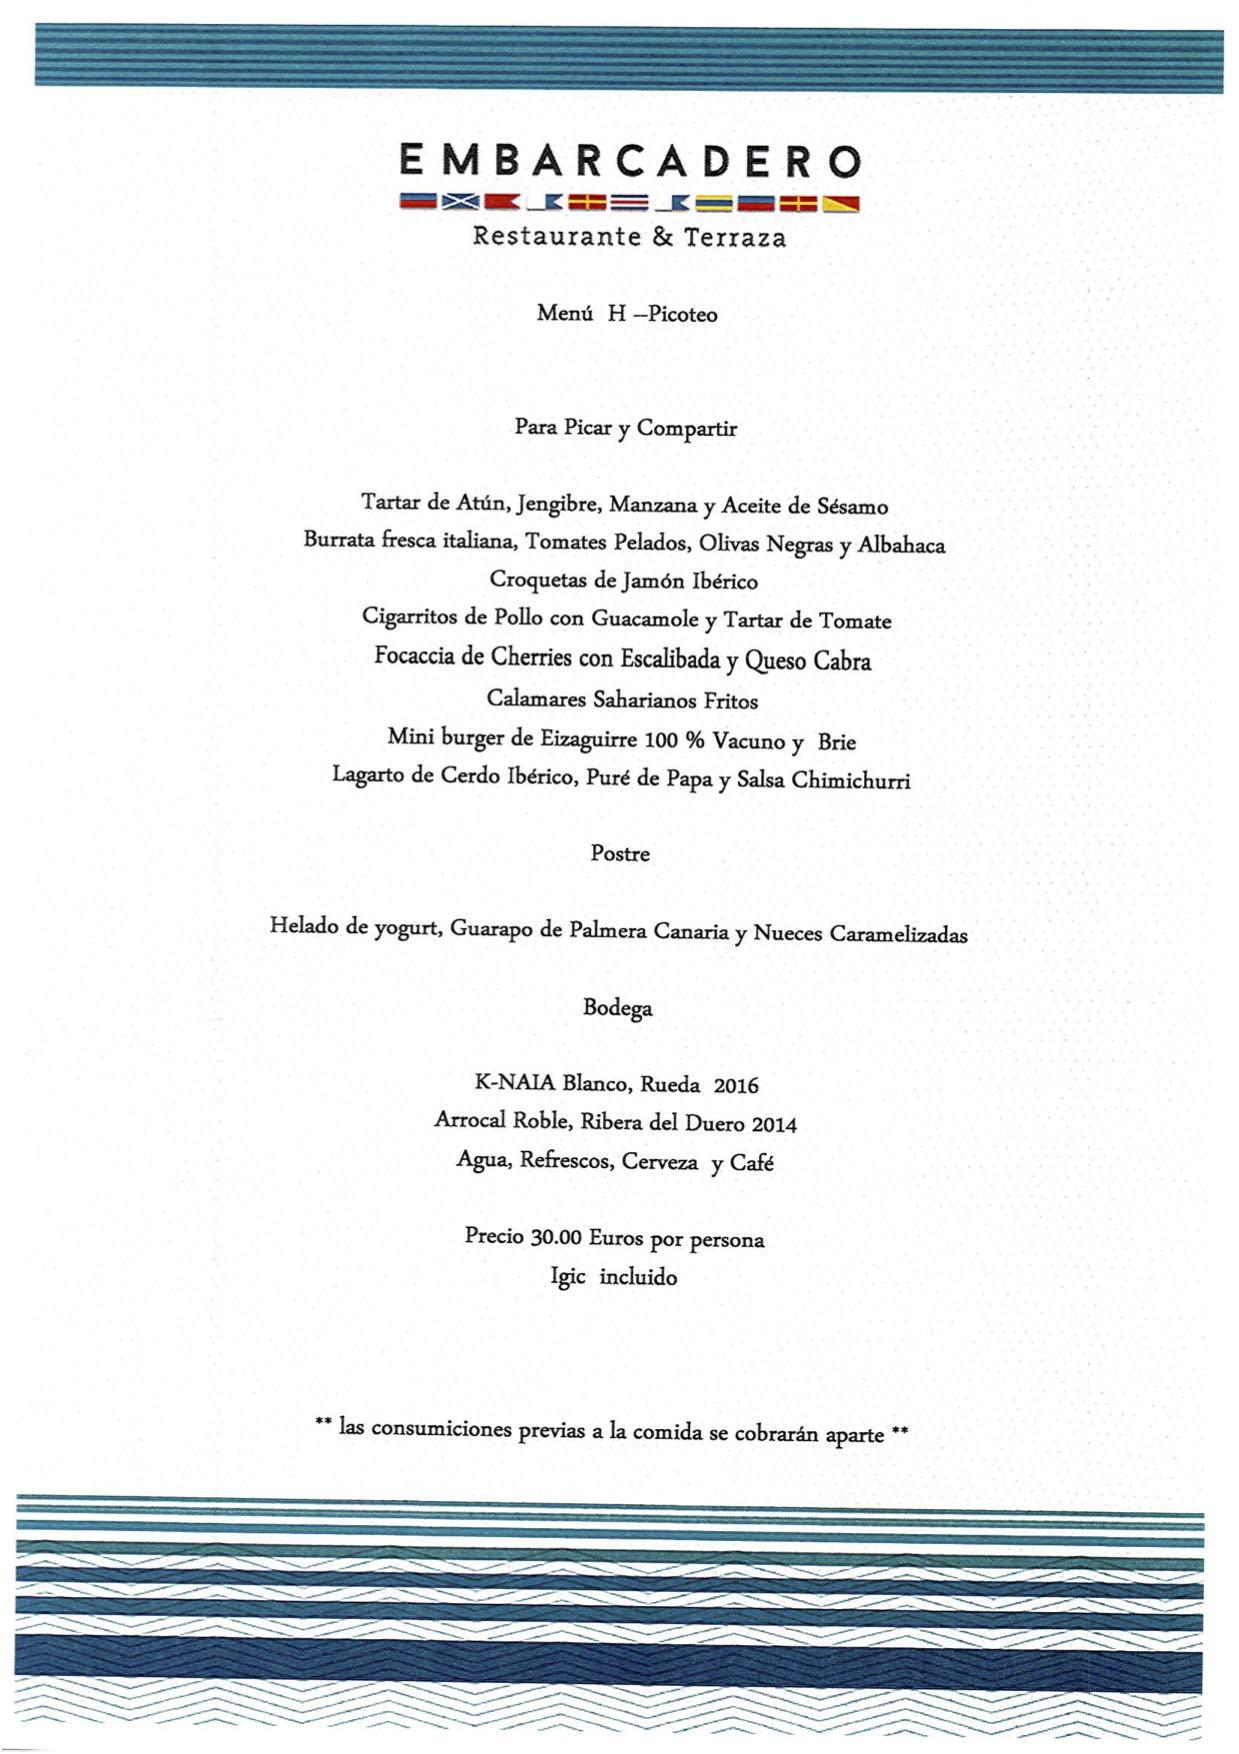 embarcadero-eventos-menu-h